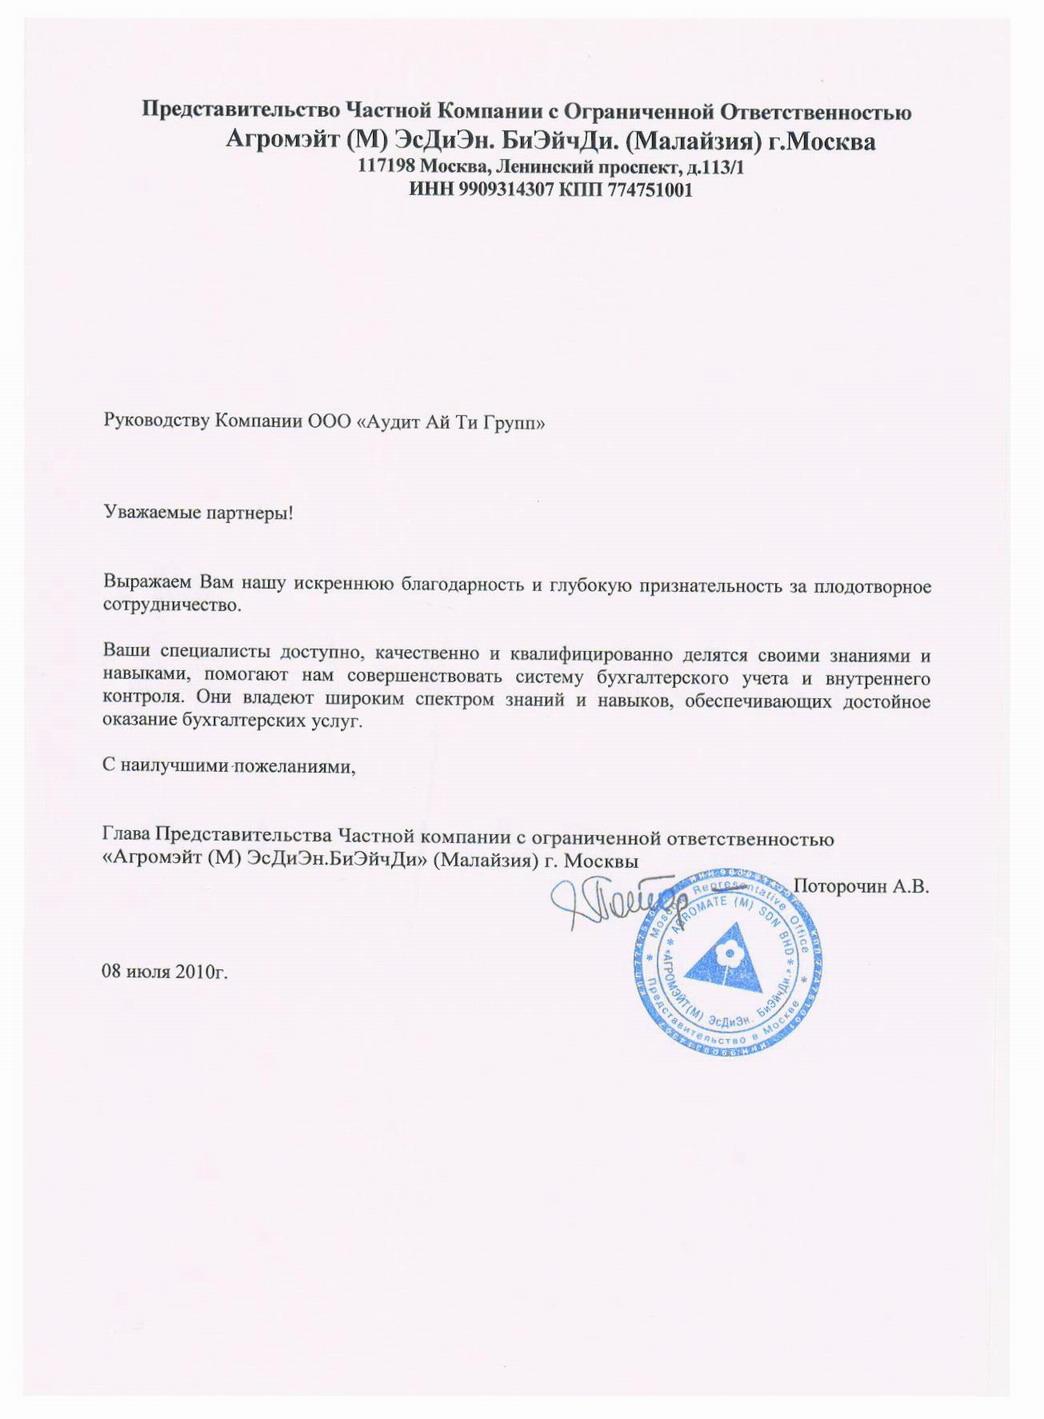 отзыв иностранного представительства о бухгалтерских услугах